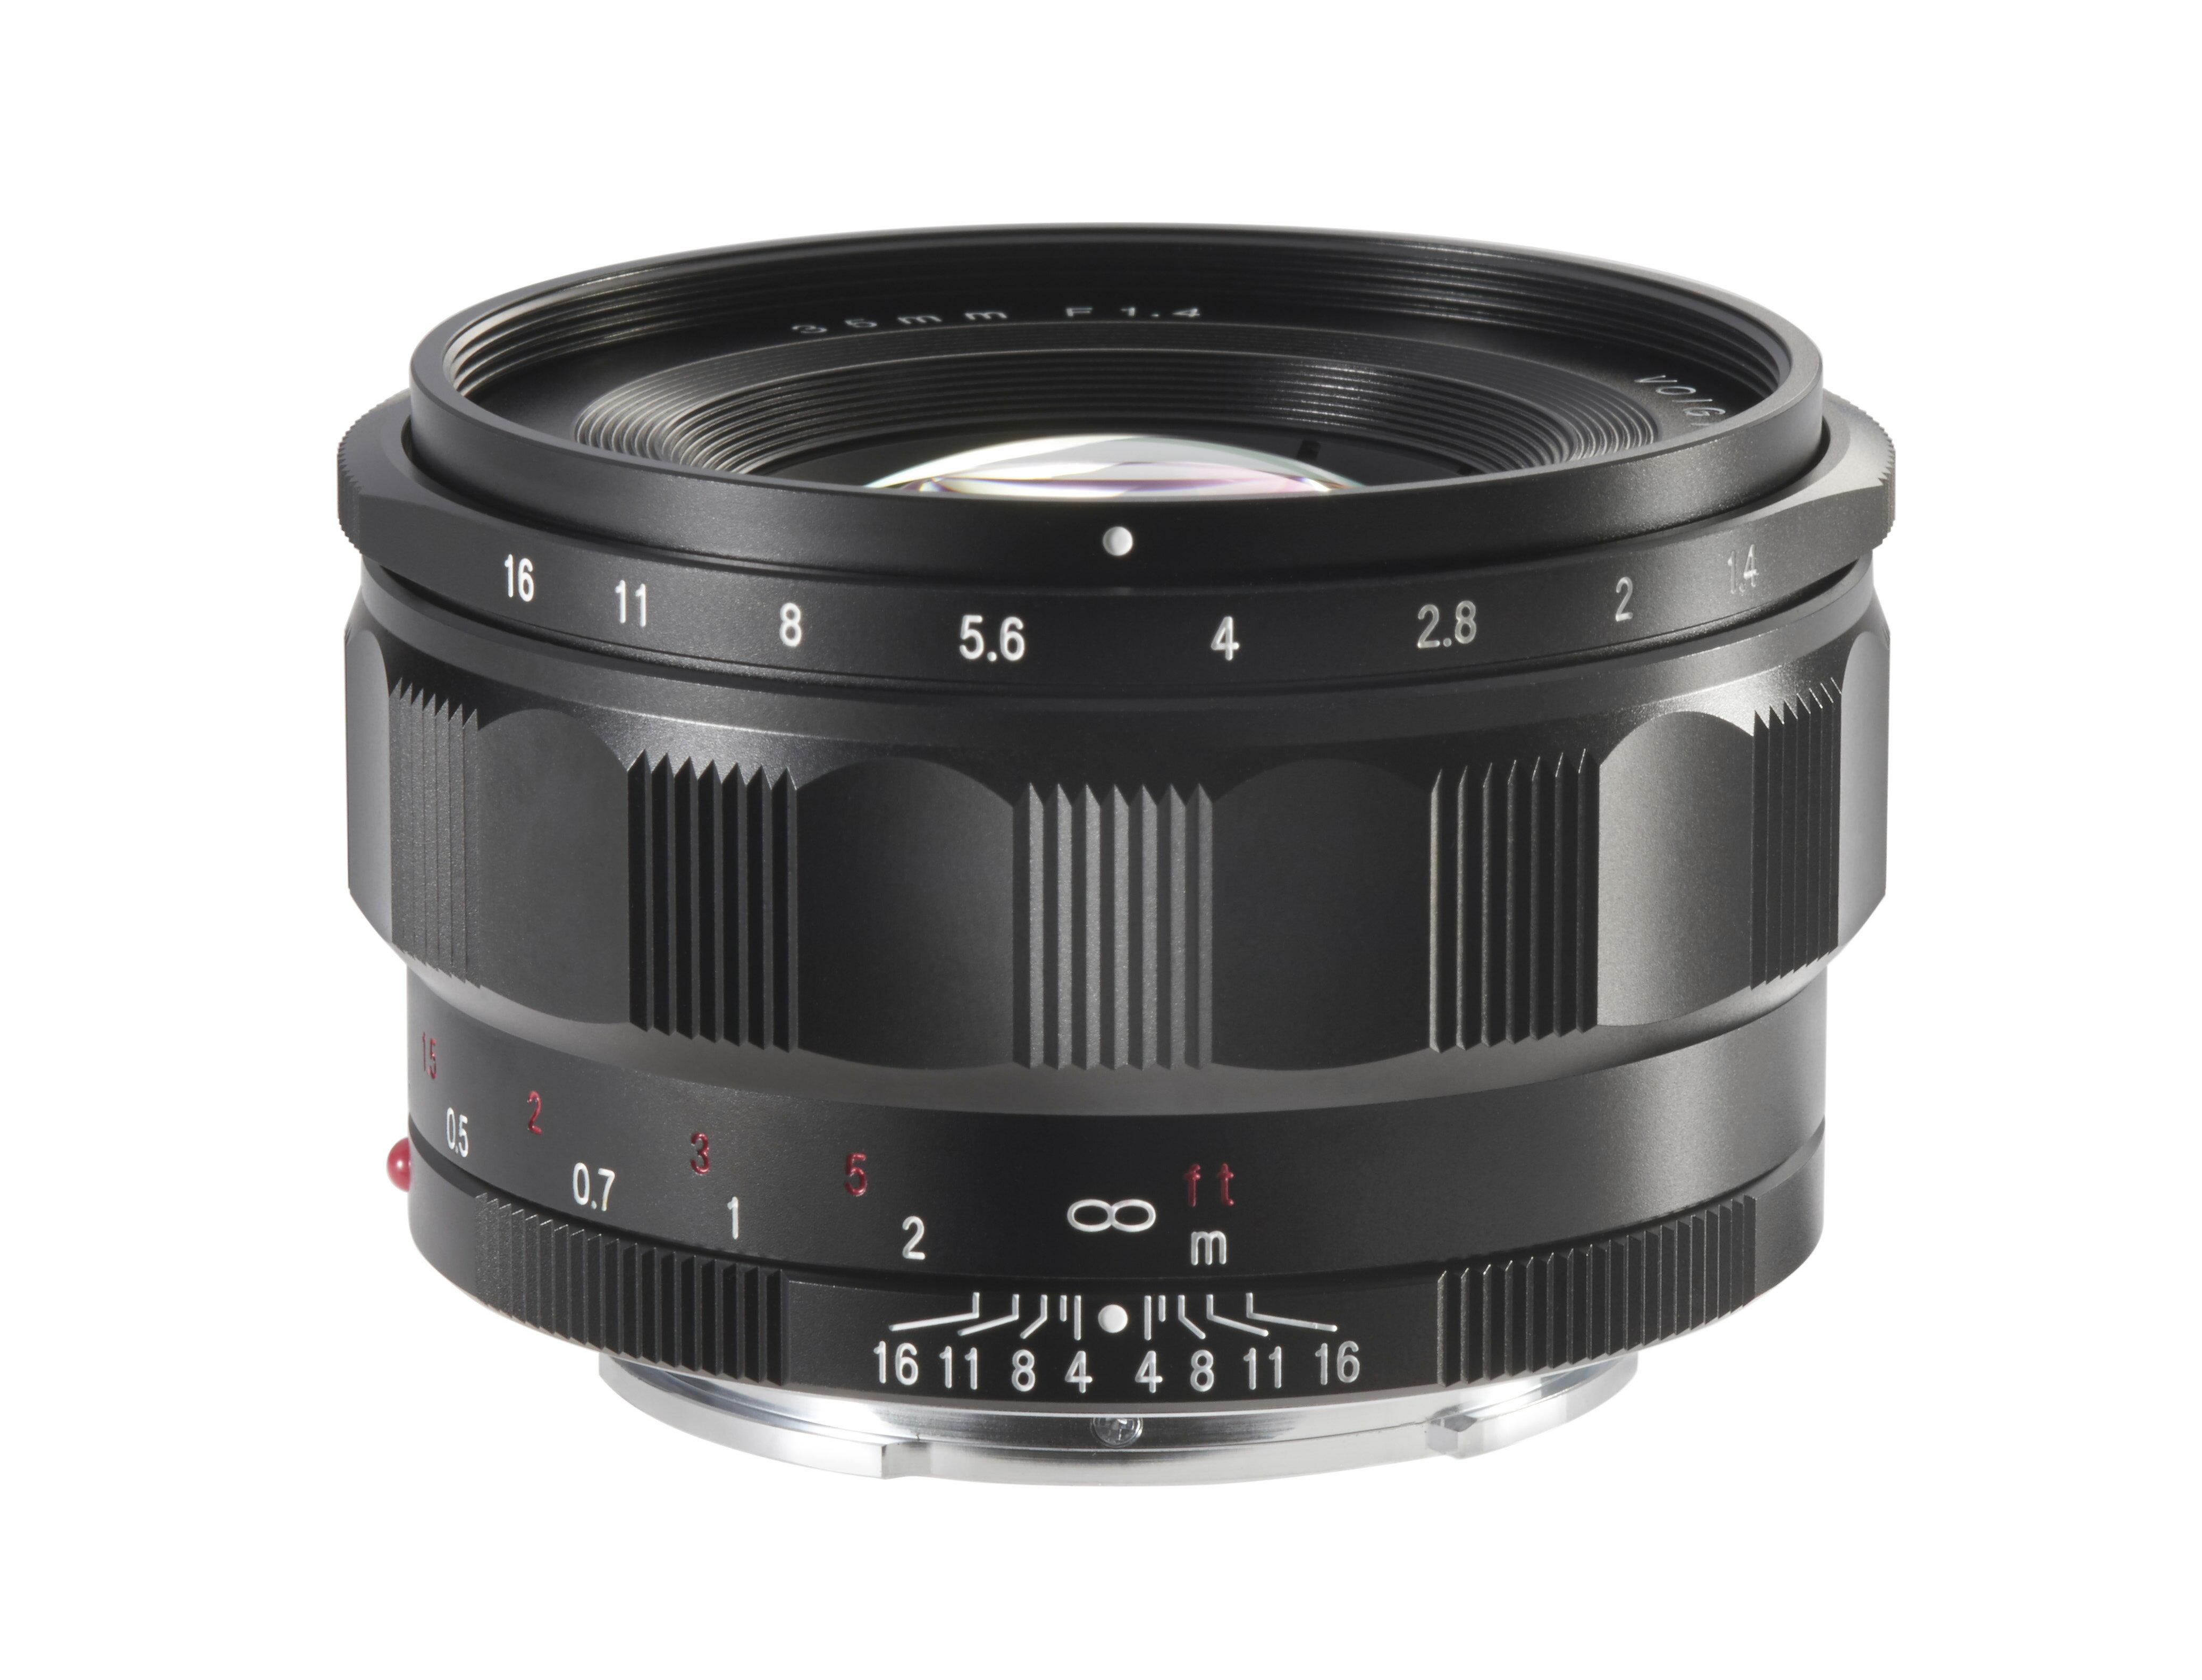 福倫達專賣店: Voigtlander Nokton 35mm/F1.4 Emount (for Sony a7)